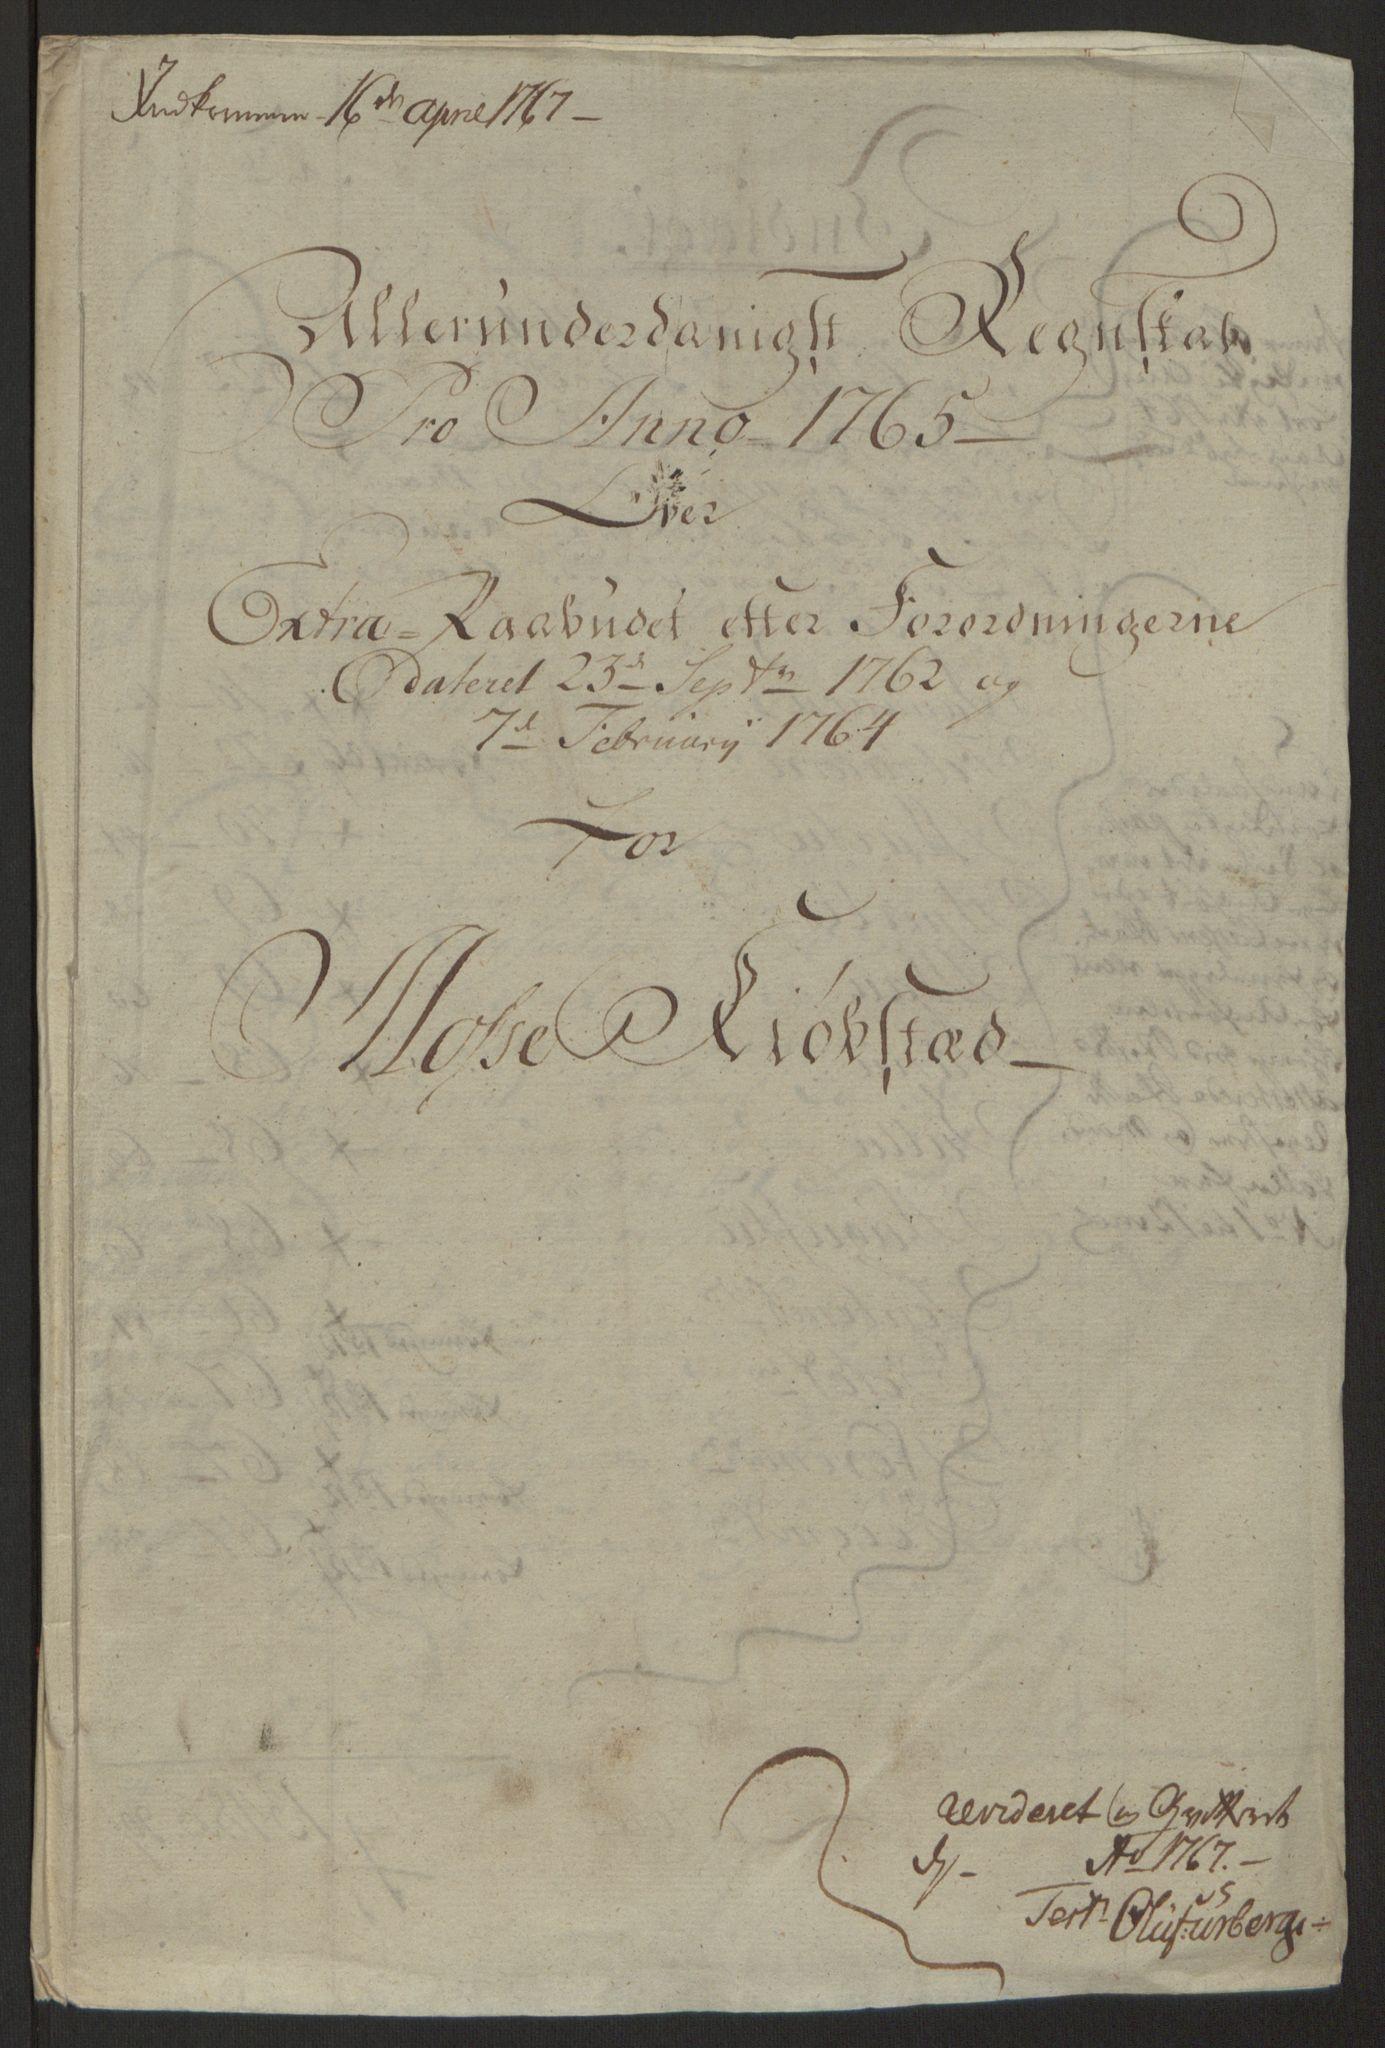 RA, Rentekammeret inntil 1814, Reviderte regnskaper, Byregnskaper, R/Rc/L0042: [C1] Kontribusjonsregnskap, 1762-1765, s. 336